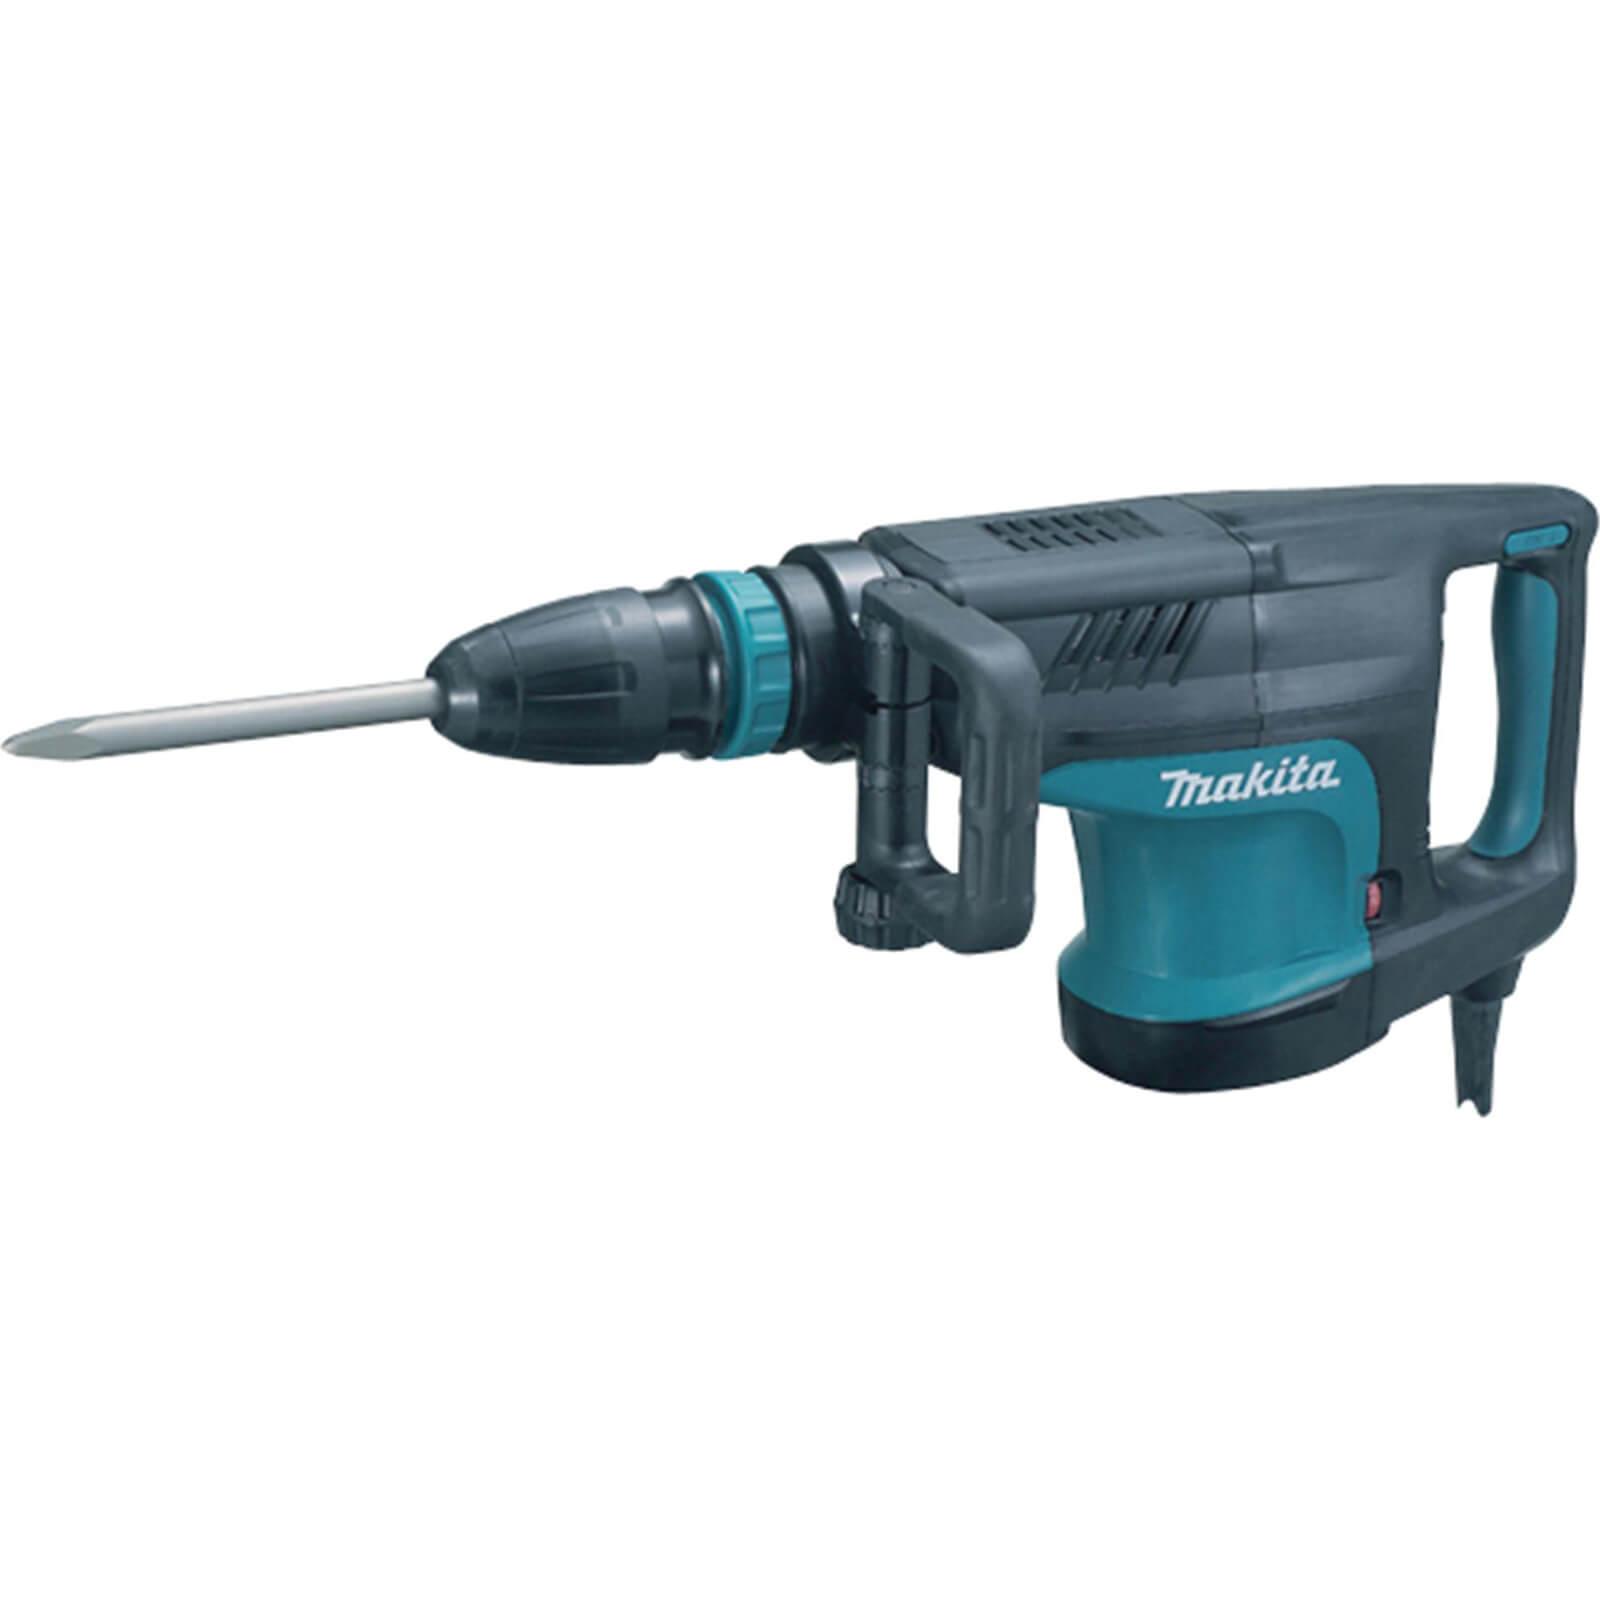 Image of Makita HM1213C AVT SDS Max Demolition Hammer Drill 1500w 110v